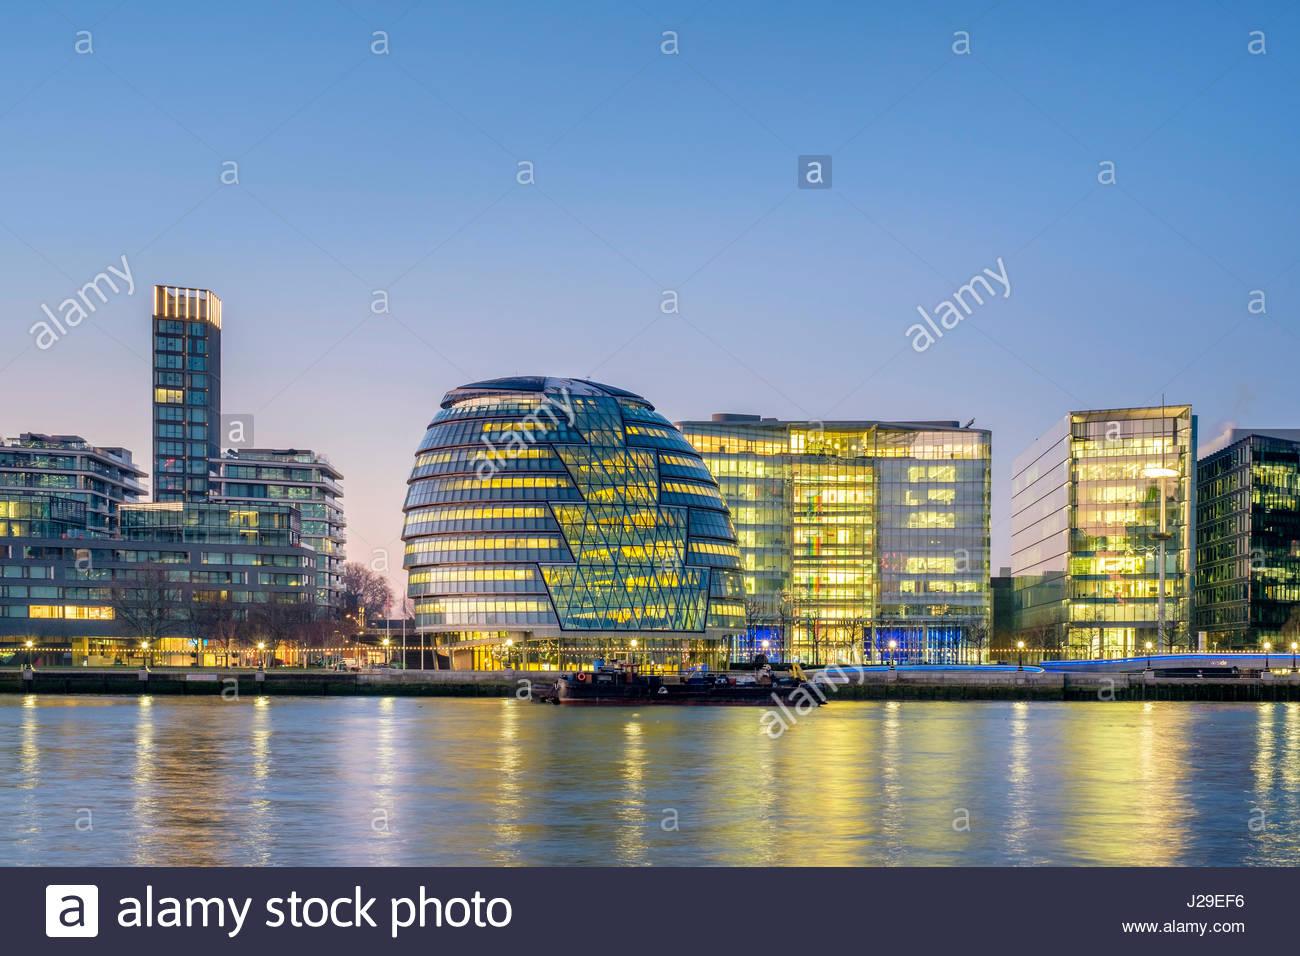 Royaume-uni, Angleterre, Londres. London City Hall conçu par Norman Foster, architecht et bâtiments modernes Photo Stock